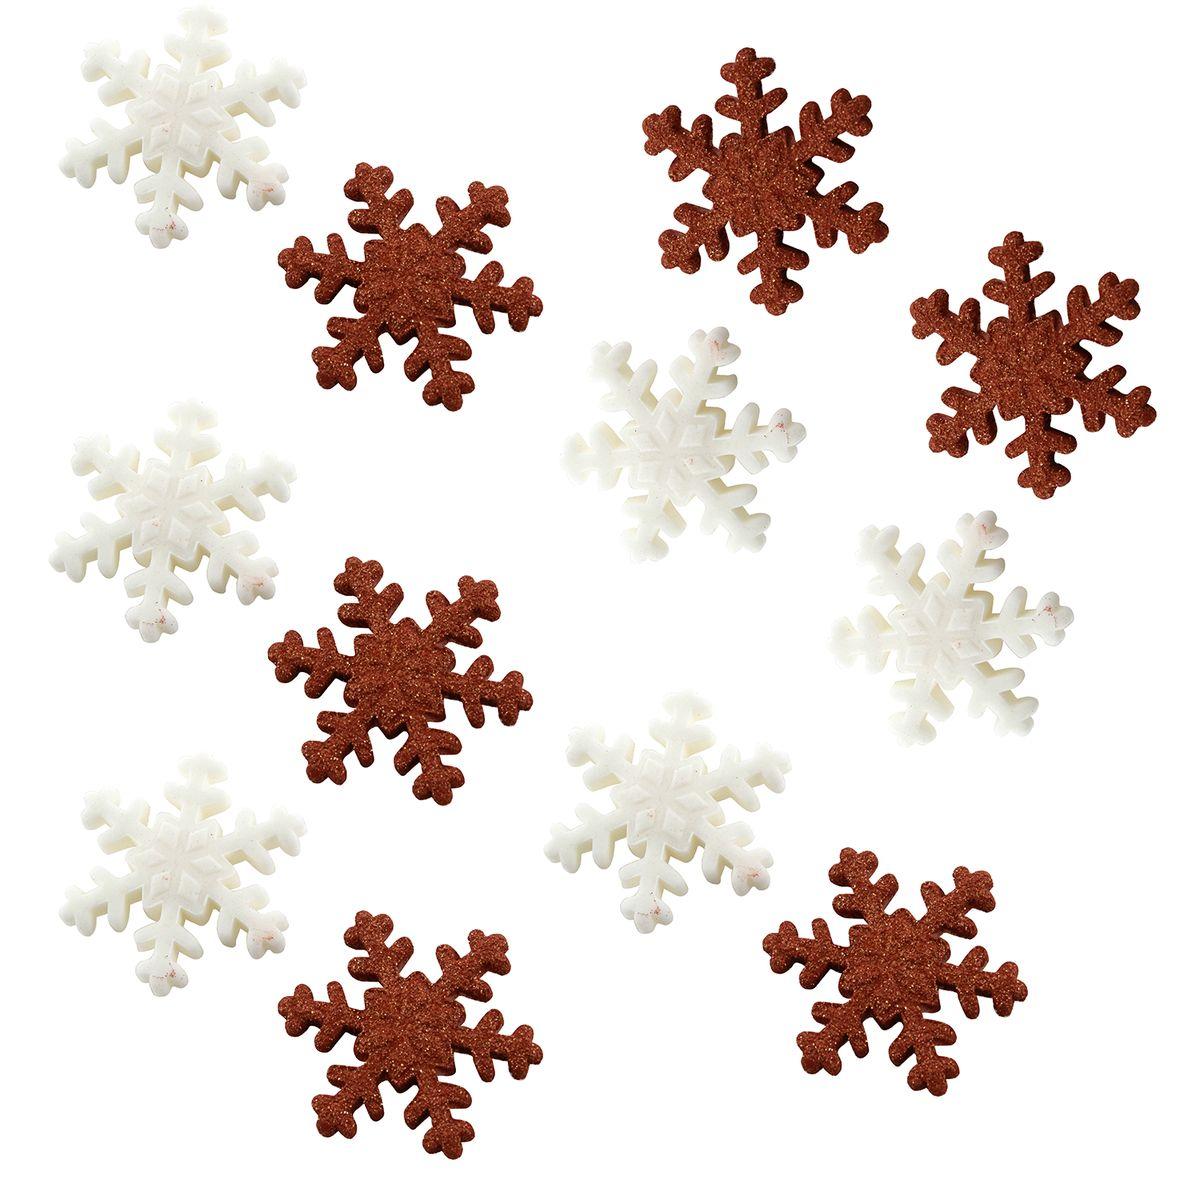 Plaque de décors comestibles : 12 flocons dorés et blancs Noël 3 cm